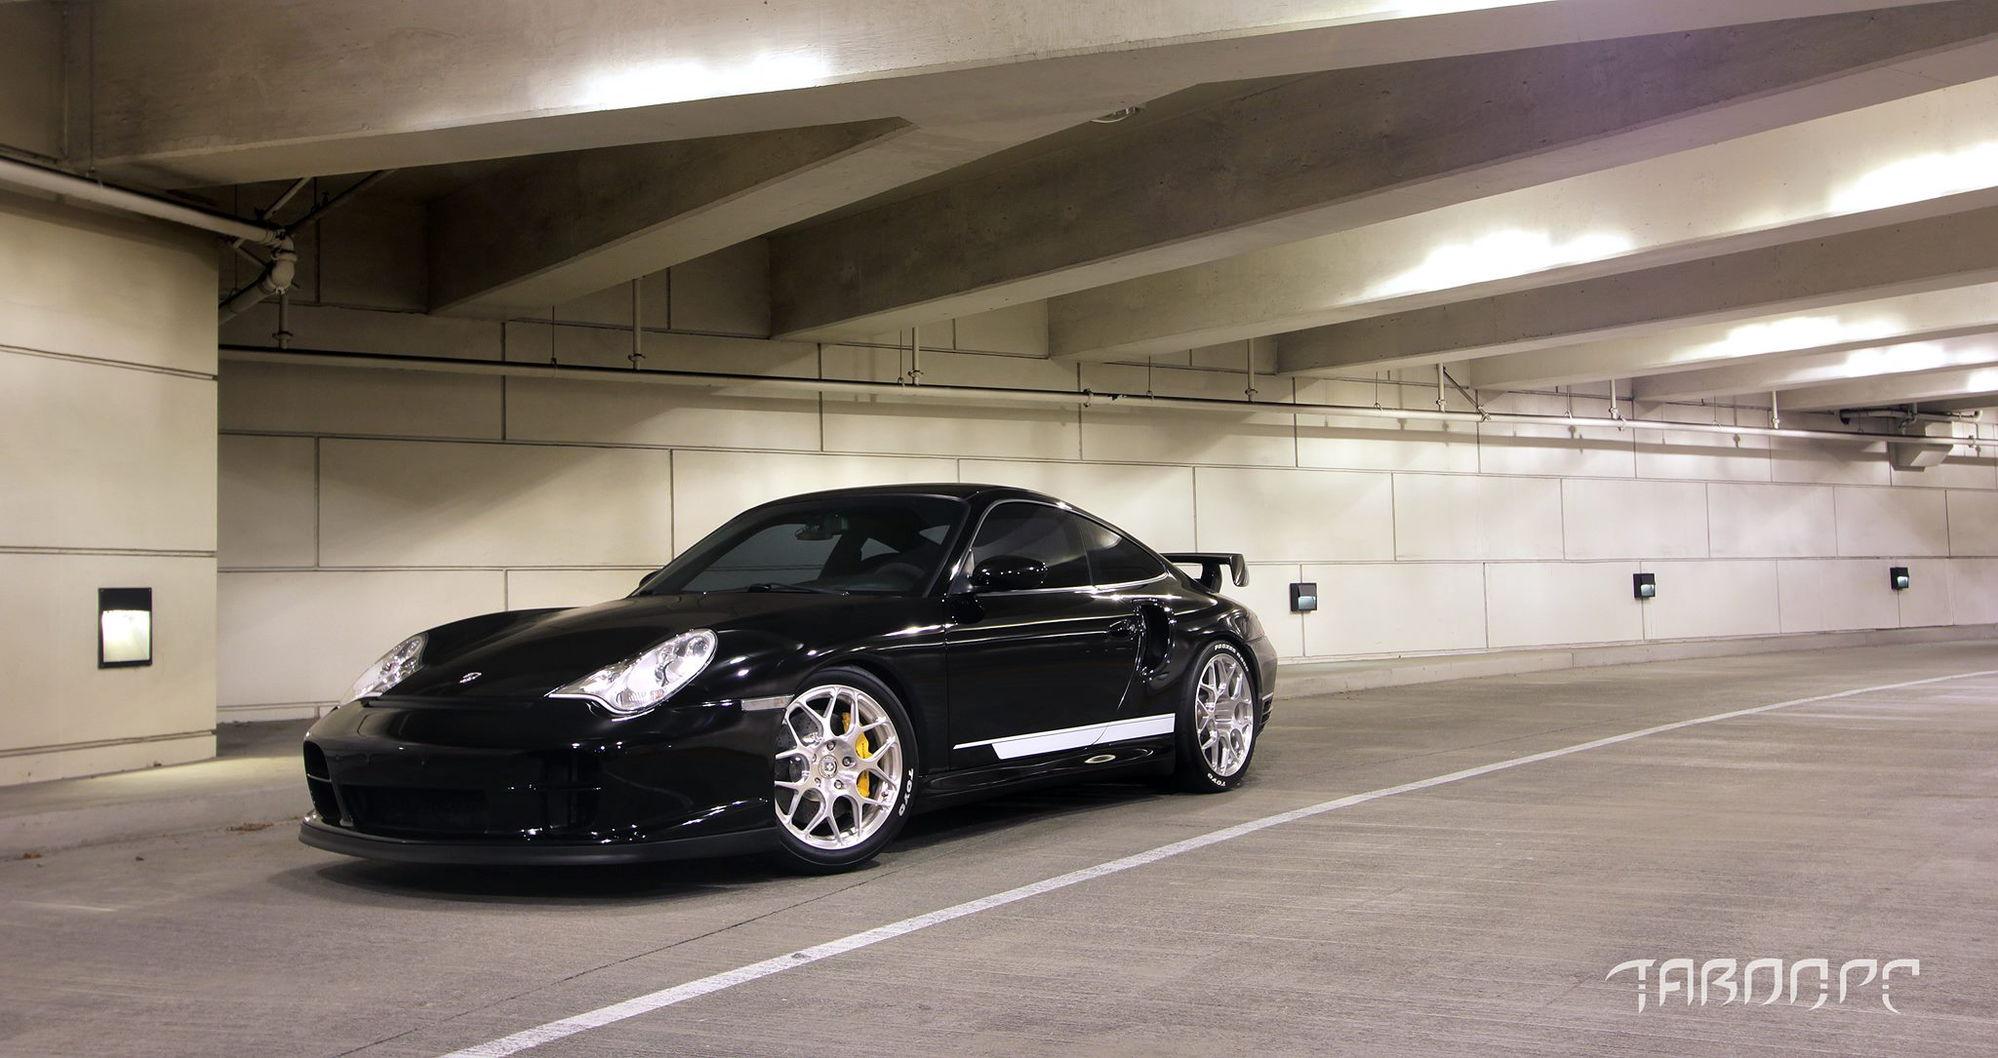 80-winwinwin_207af2a55717dea8c0ed60357de66ab5bf7d432a Terrific 2002 Porsche 911 Carrera Turbo Gt2 X50 Cars Trend